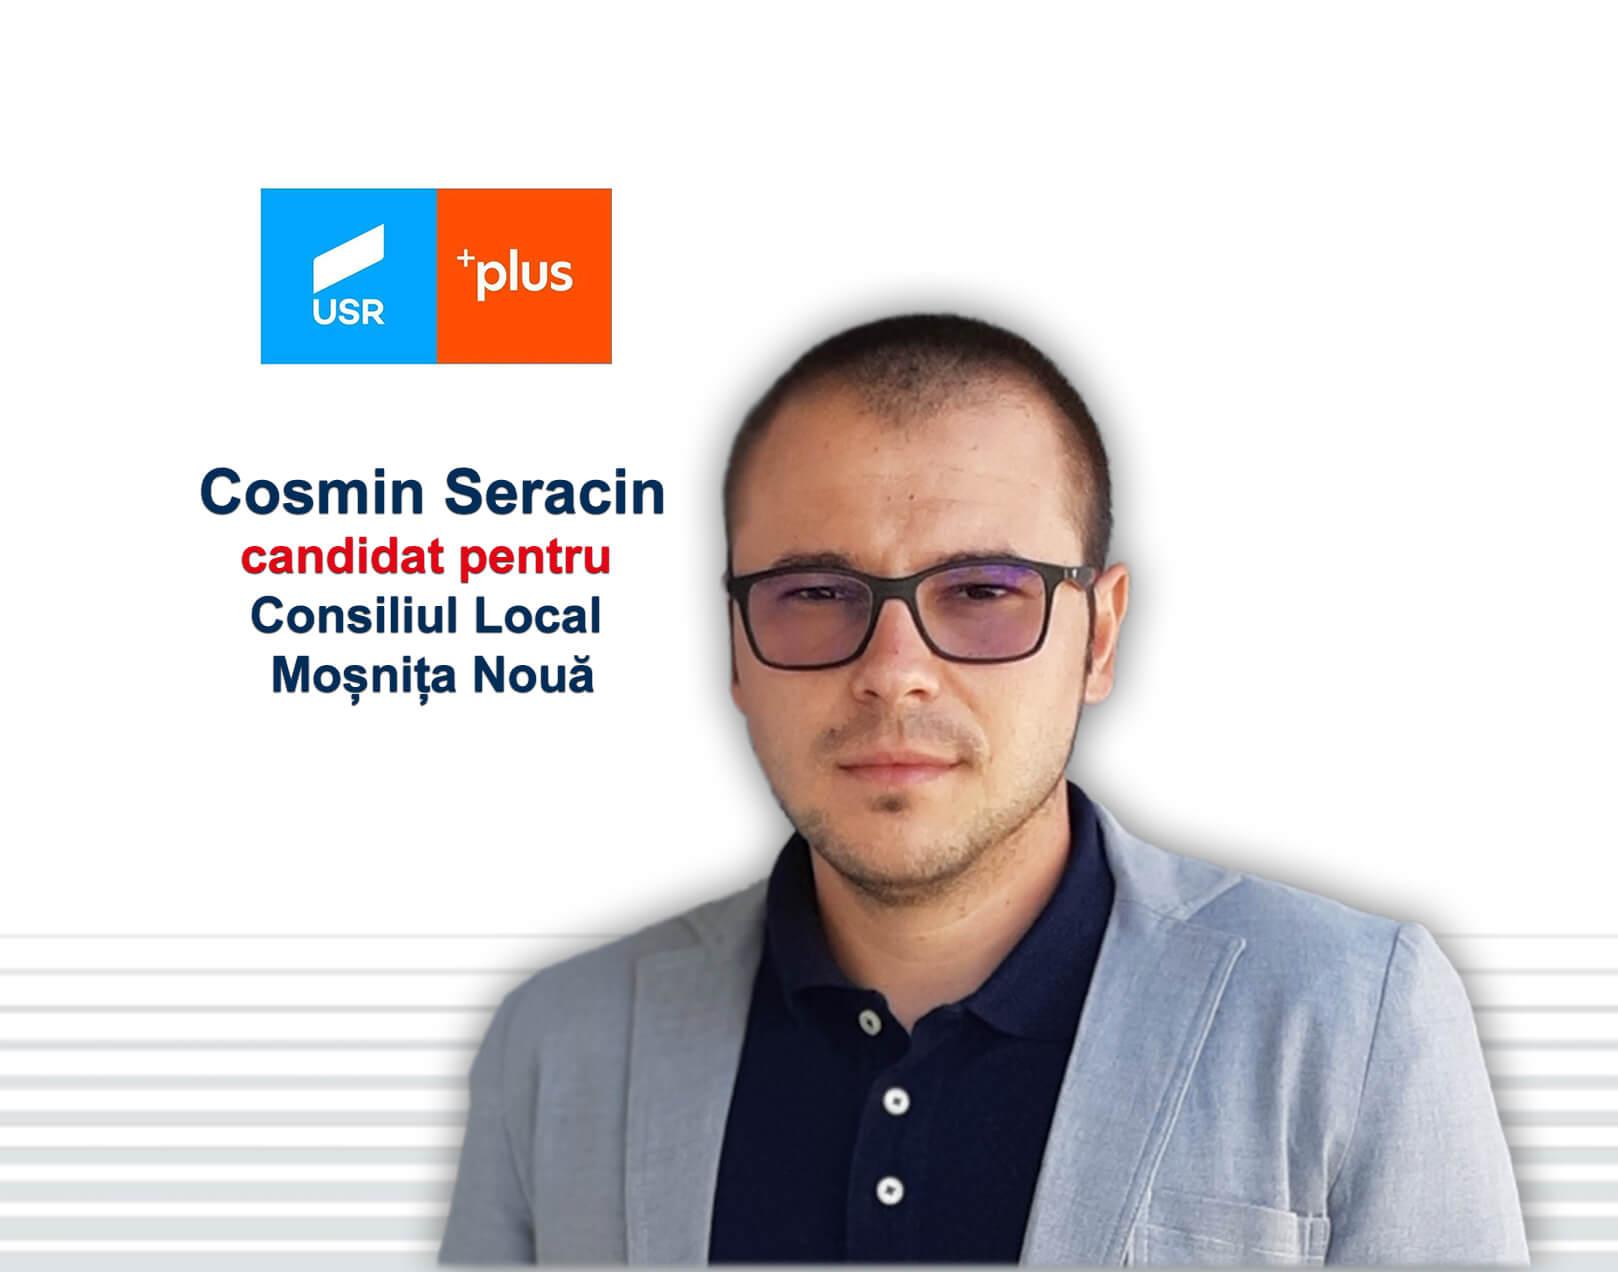 Cosmin Seracin